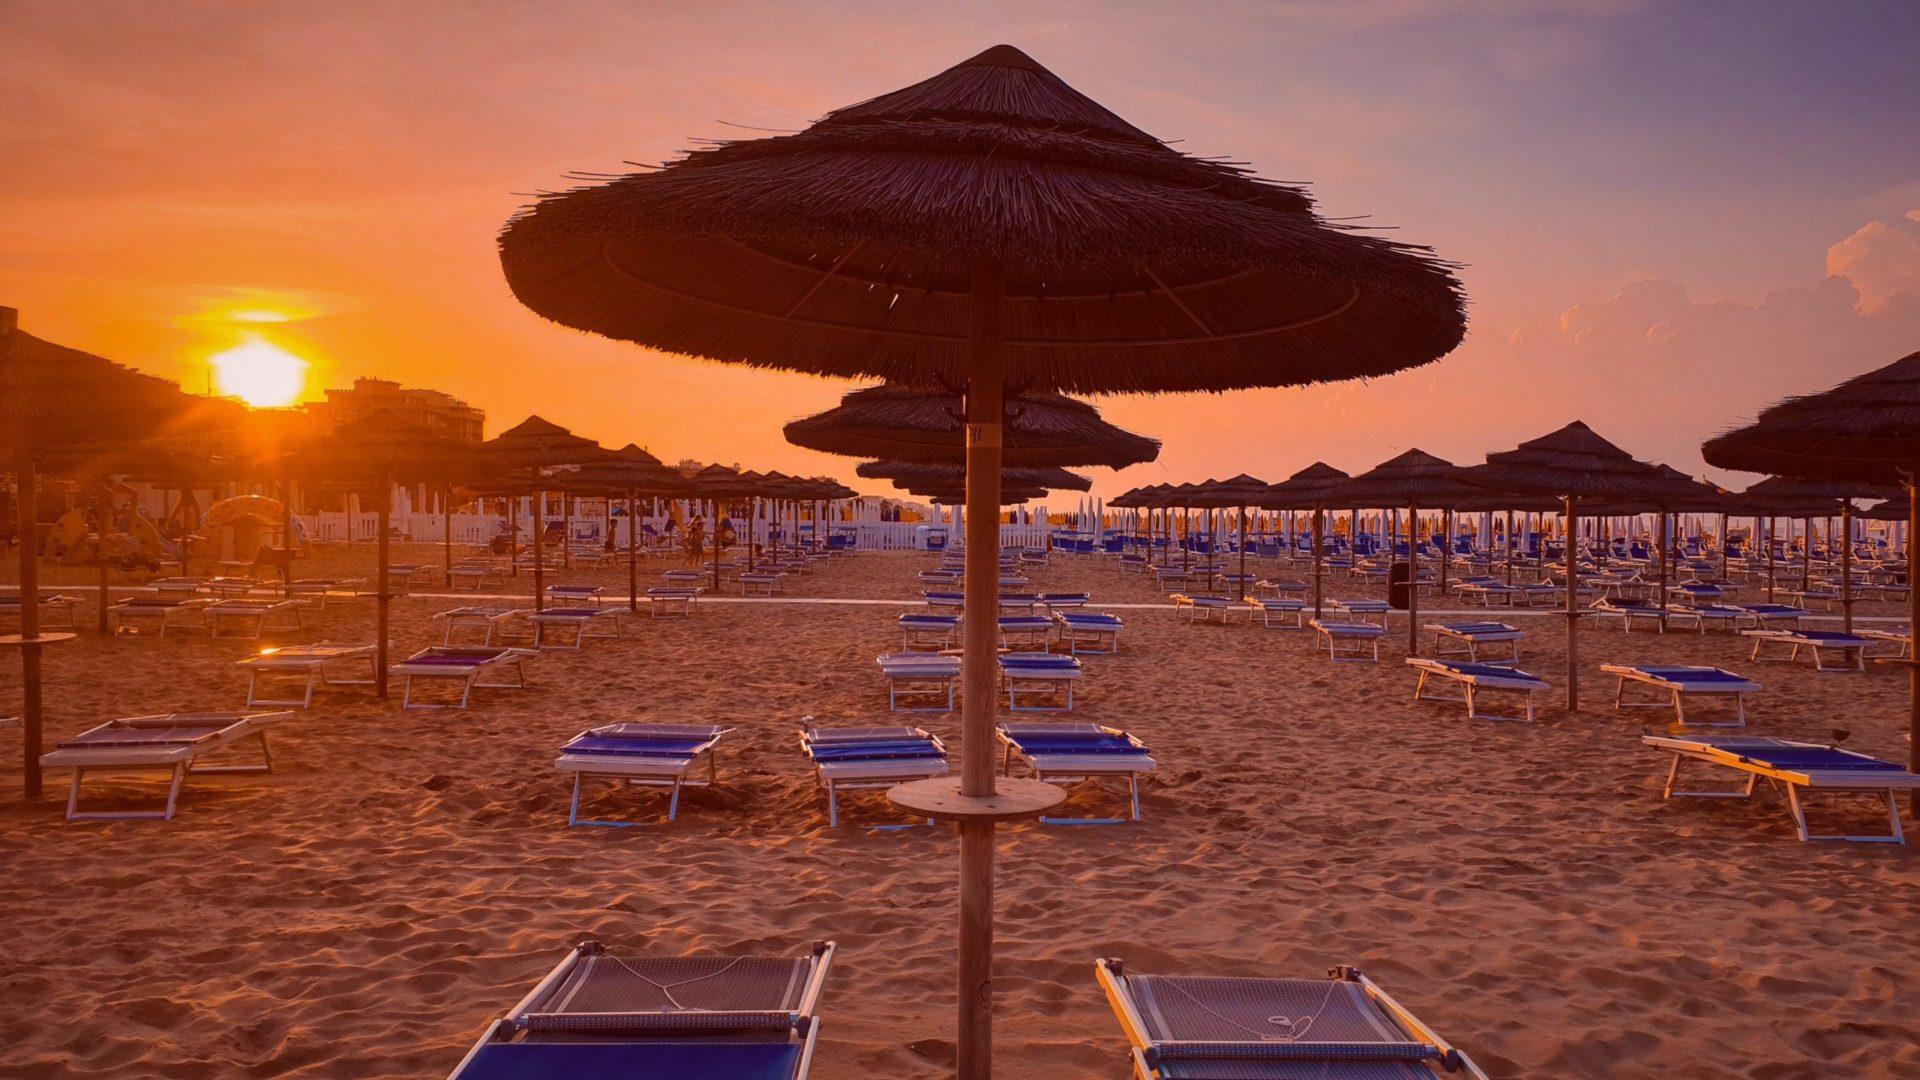 Wassertemperatur Rimini: Liegestühle und Sonnenschirme am Strand von Rimini bei Sonnenuntergang